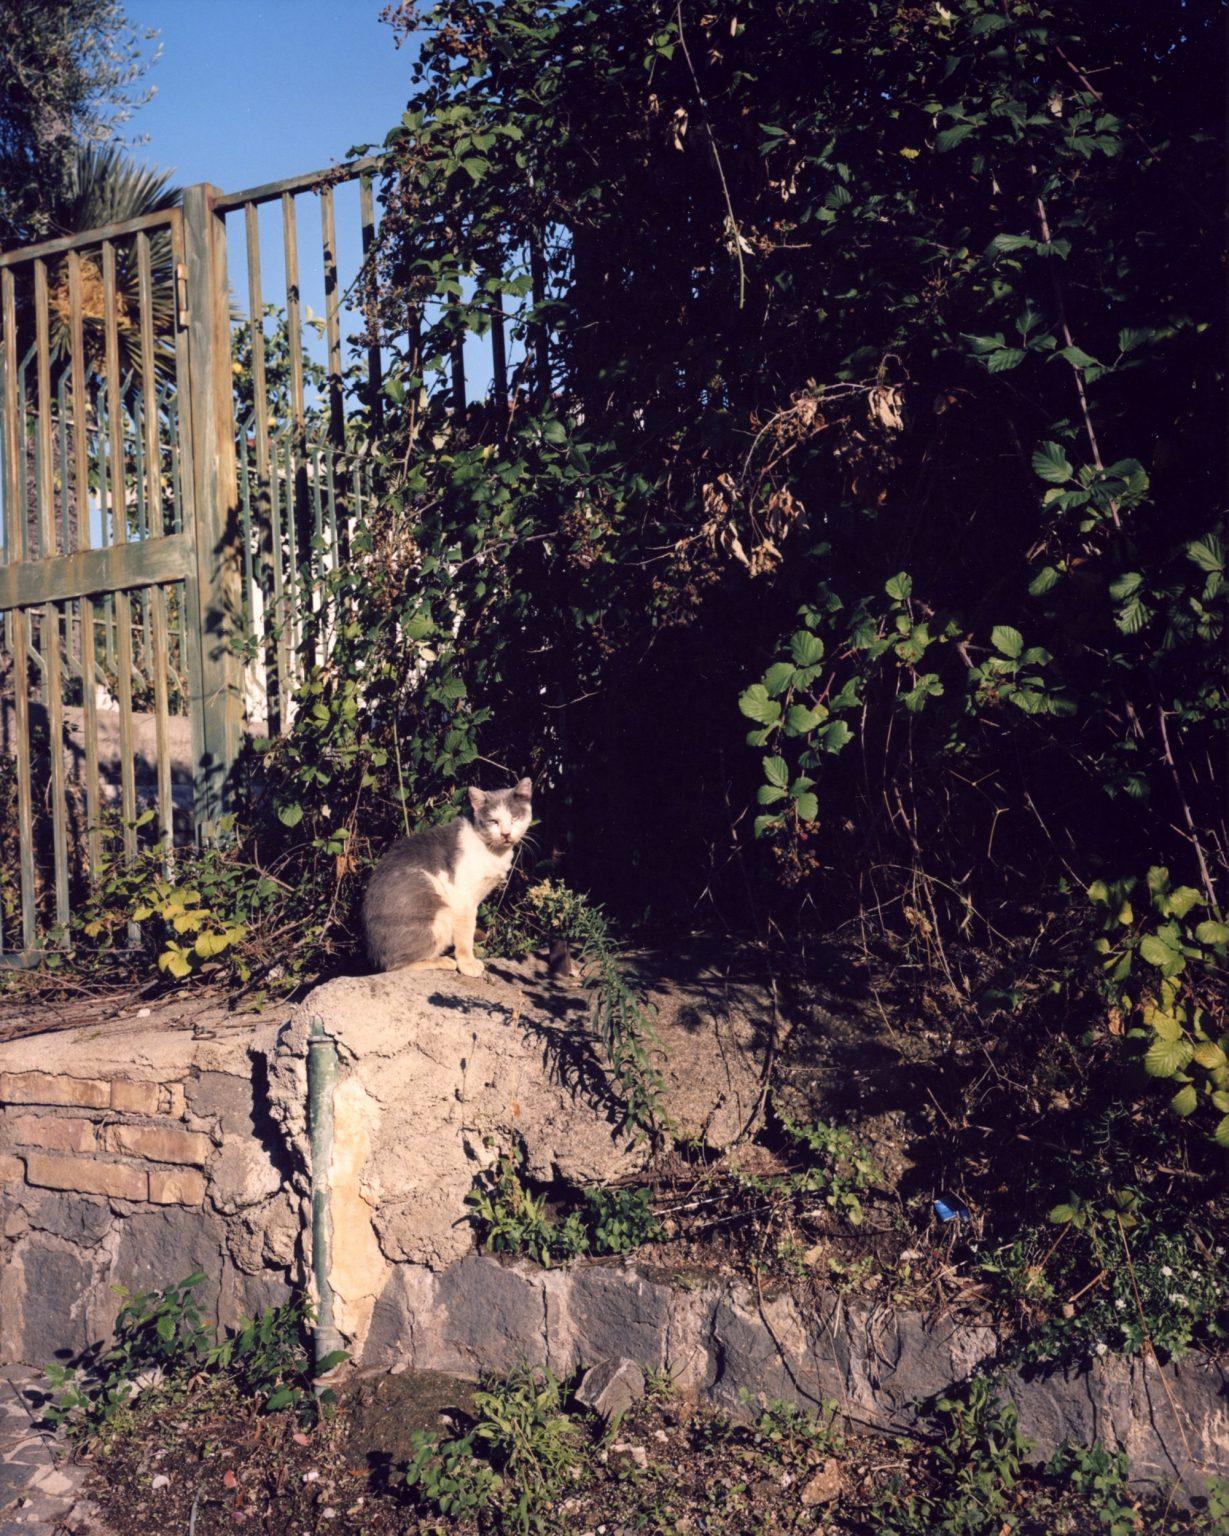 Stray cat outside of a villa. Paesi Vesuviani, Province of Naples. 2020